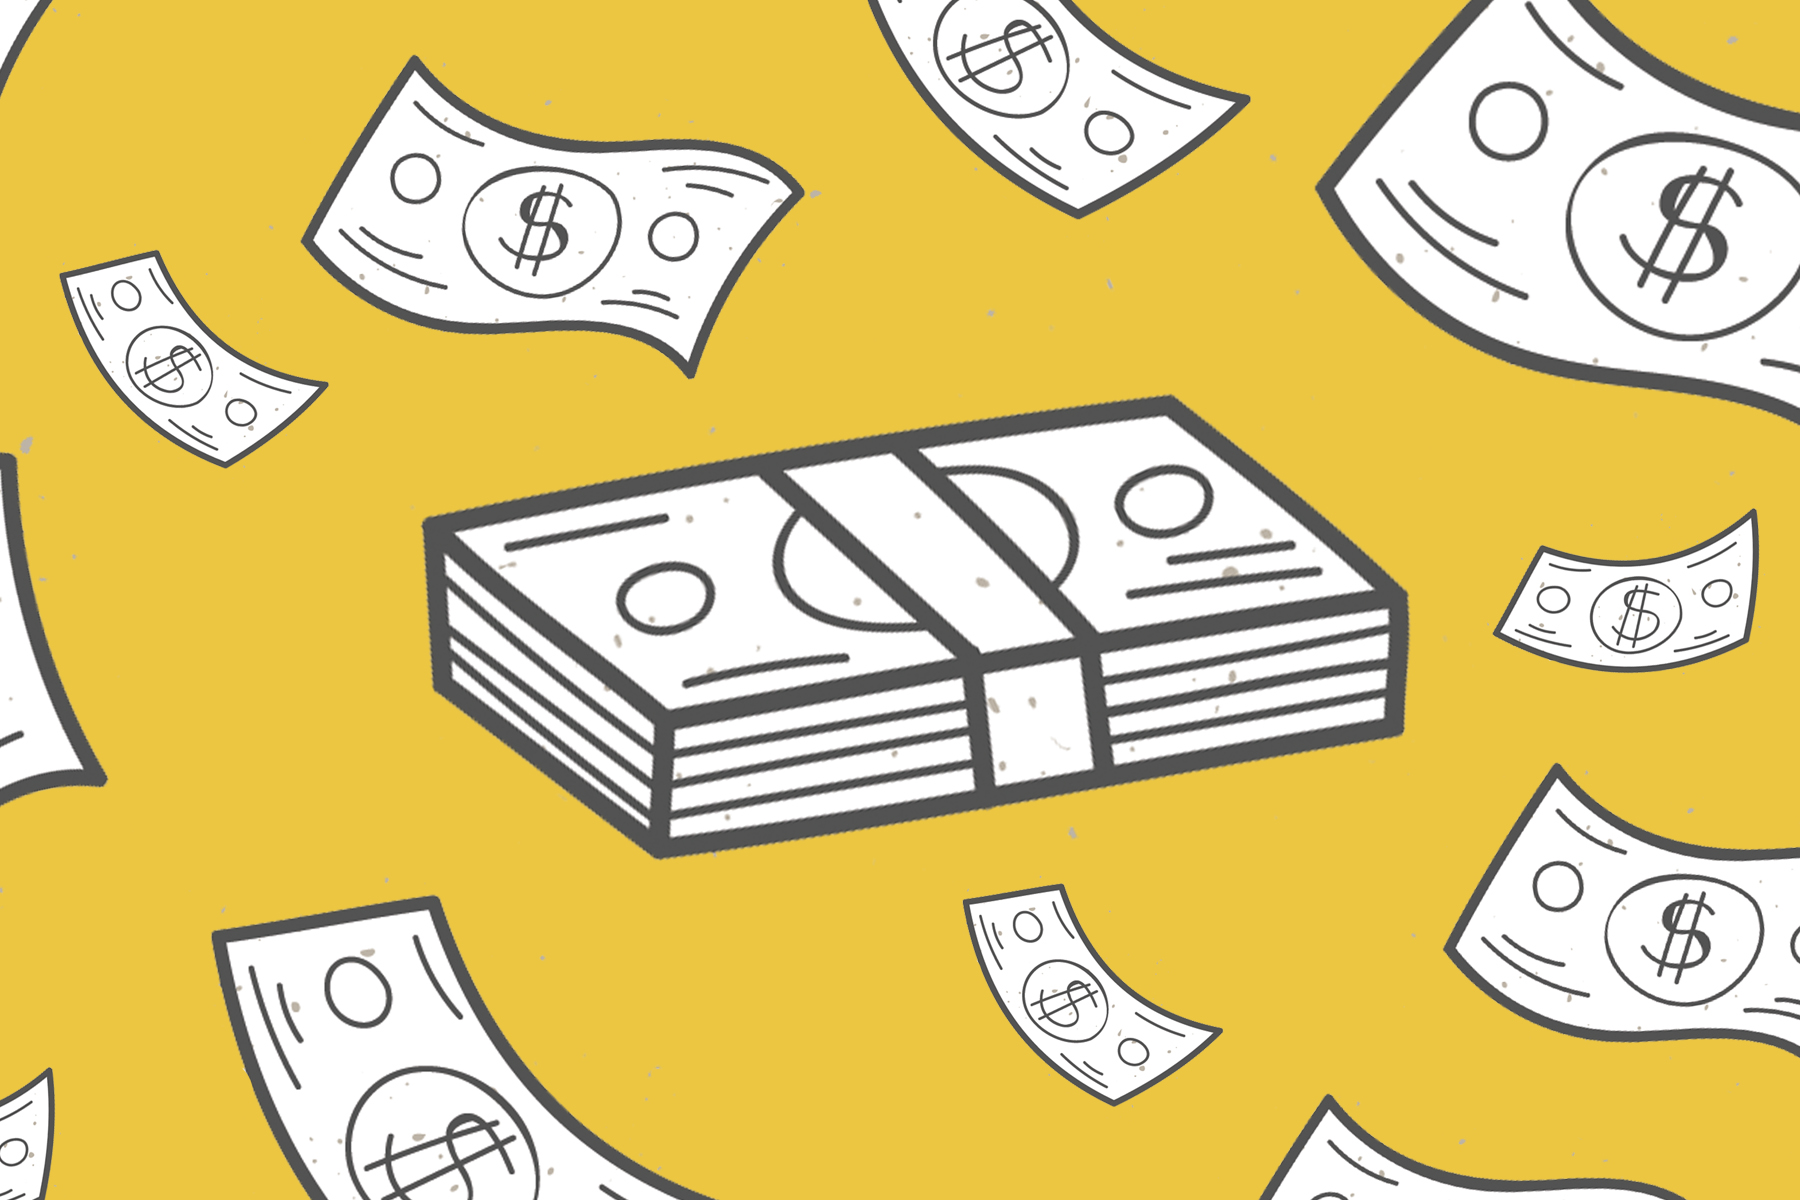 'เพื่อไทย' ห่วง พ.ร.ก.เงินกู้ 7 แสนล้าน เพิ่มแต่หนี้ ไม่แก้ปัญหา - รัฐบาลแจงความเข้าใจผิด 'ร่างงบฯ ปี 2565-ปมขาดทุนสะสม 1.069 ล้านล้านบาท'